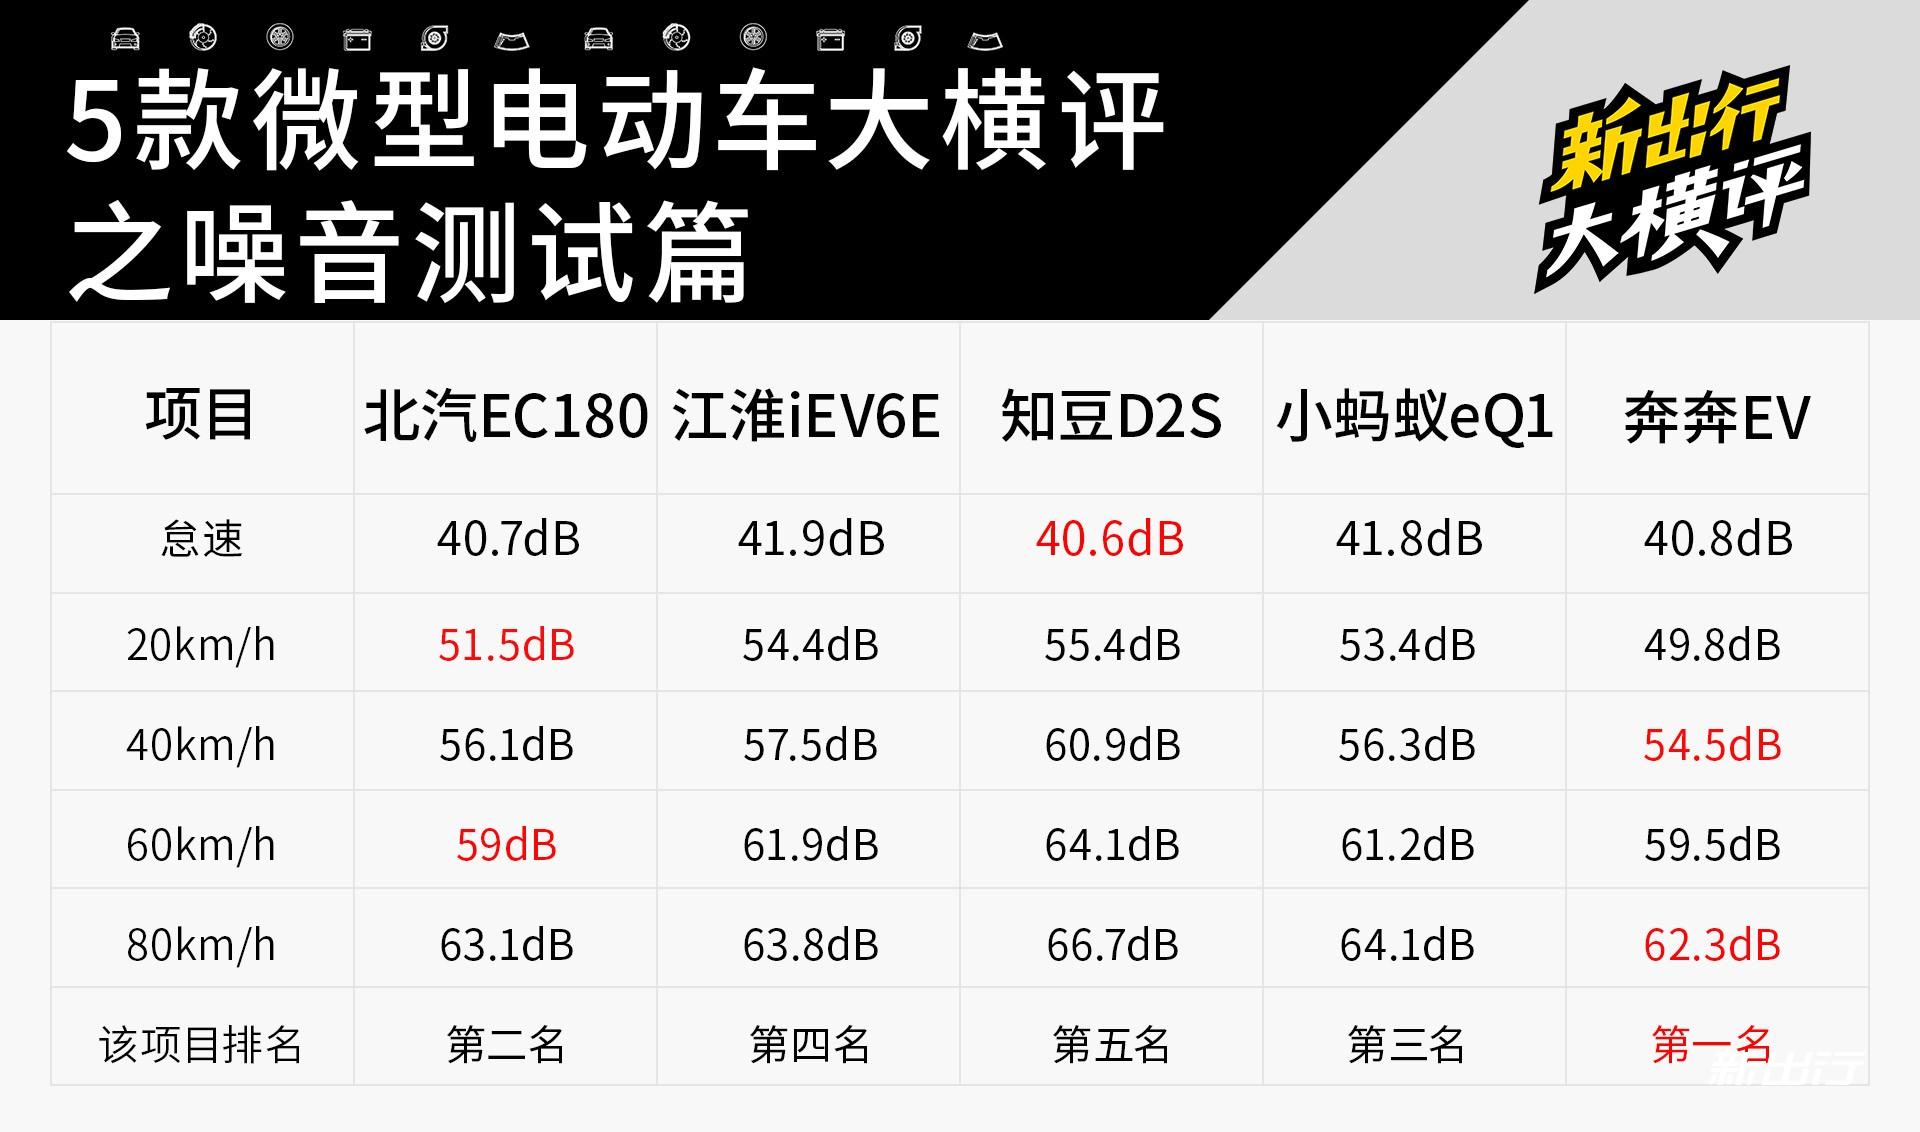 21-新出行5辆微型电动车横评.jpg